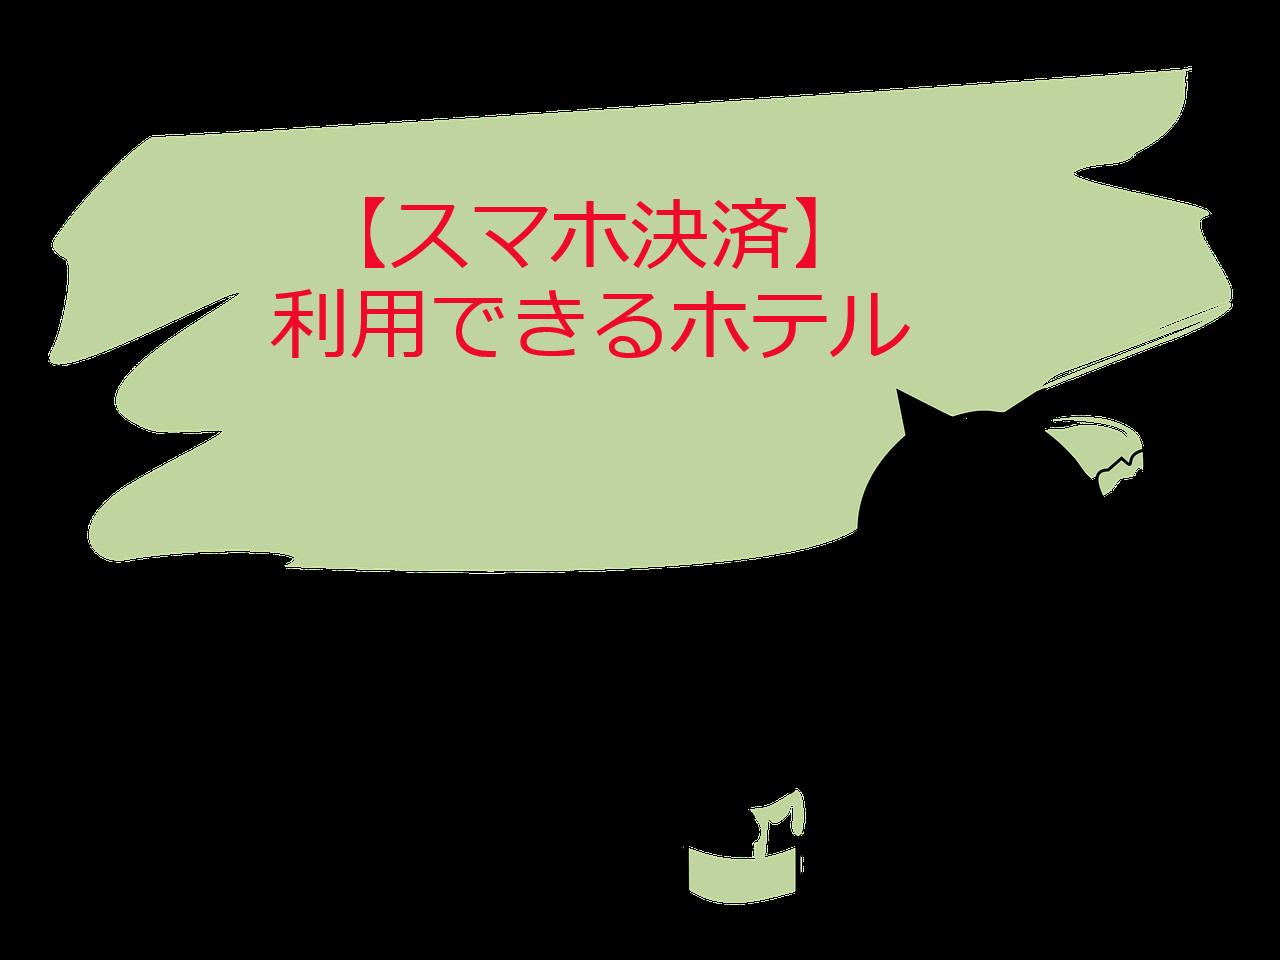 【スマホ決済】利用できるホテル